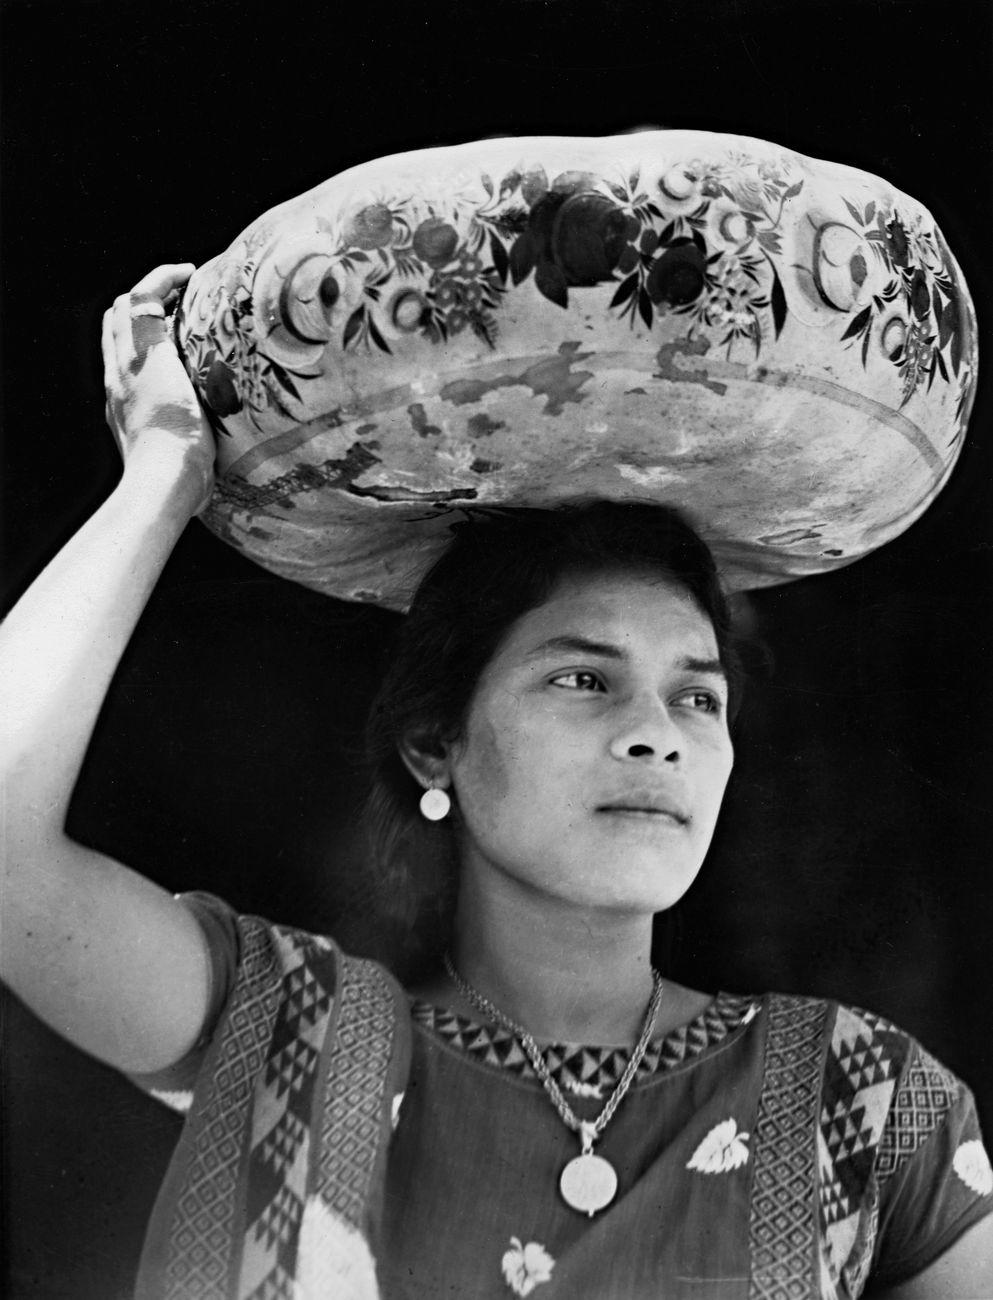 Tina Modotti, Le donne di Tehuantepec portano frutta e fiori sulla testa, dentro zucche dipinte chiamate jicapexle, 1929 © Tina Modotti